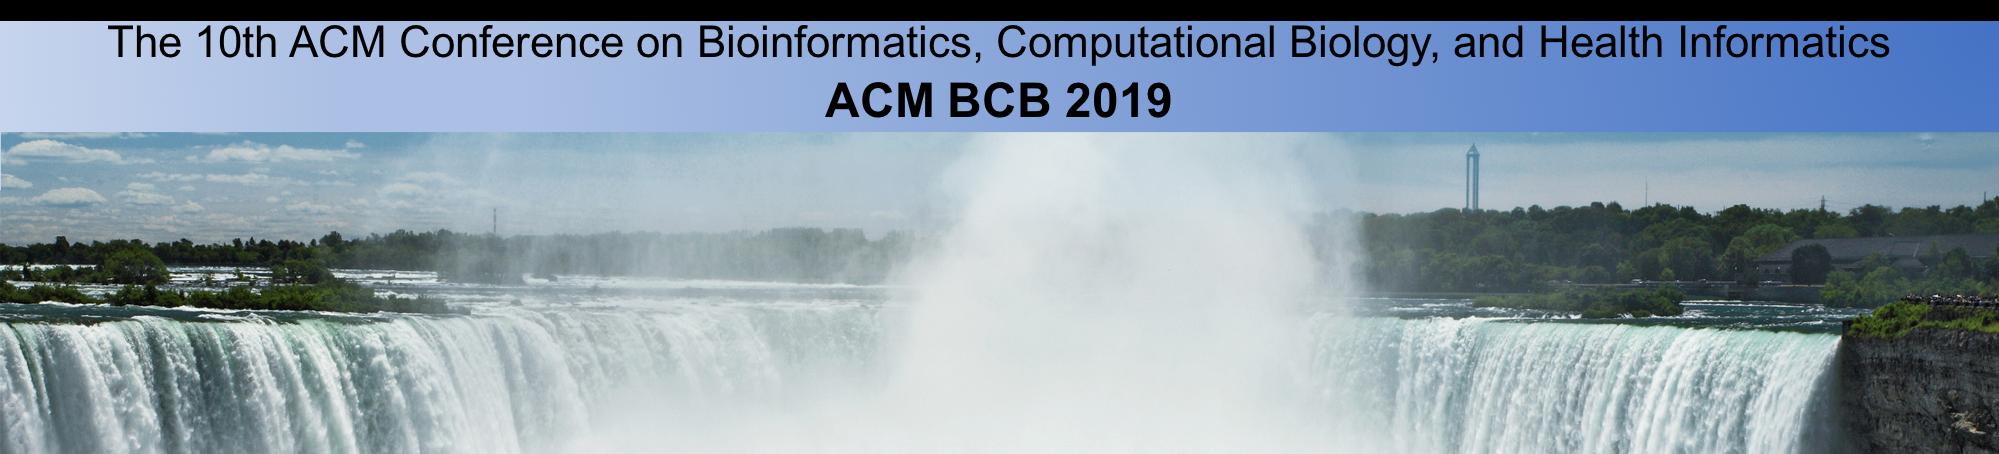 ACM BCB Niagra Falls